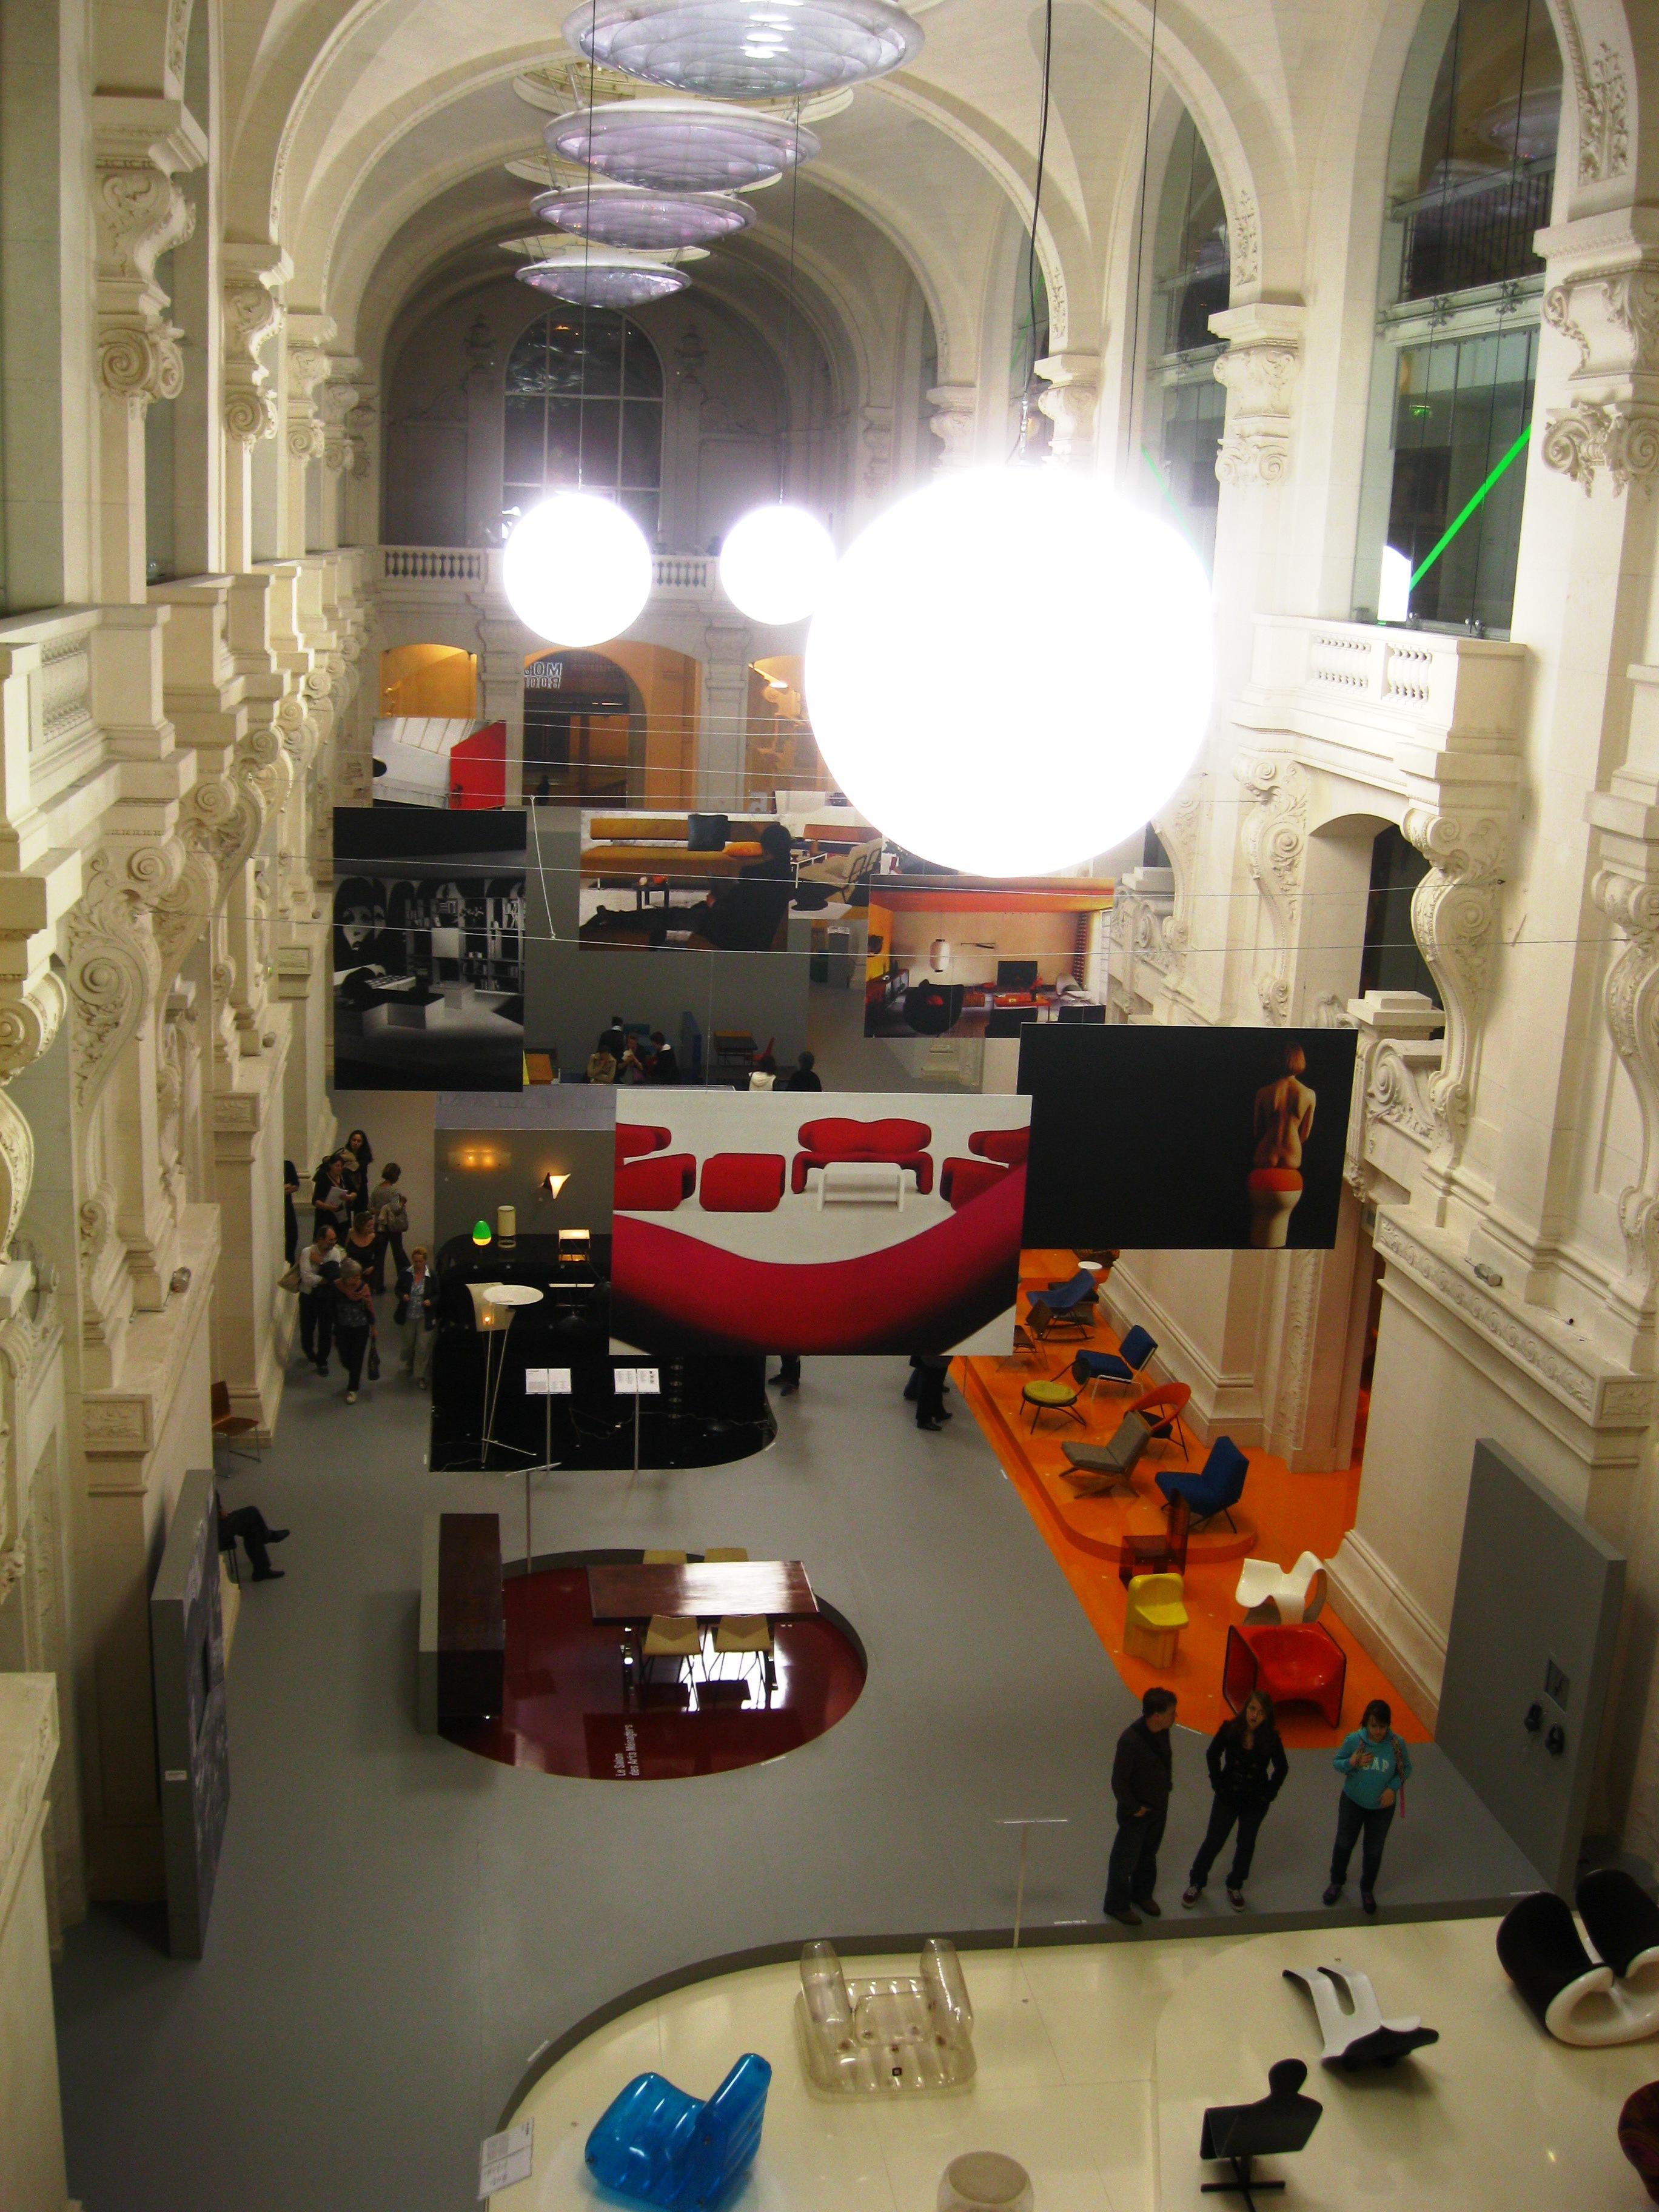 Visiting the mus e des arts d coratifs design and toys in paris ritournelle - Les arts decoratifs paris ...